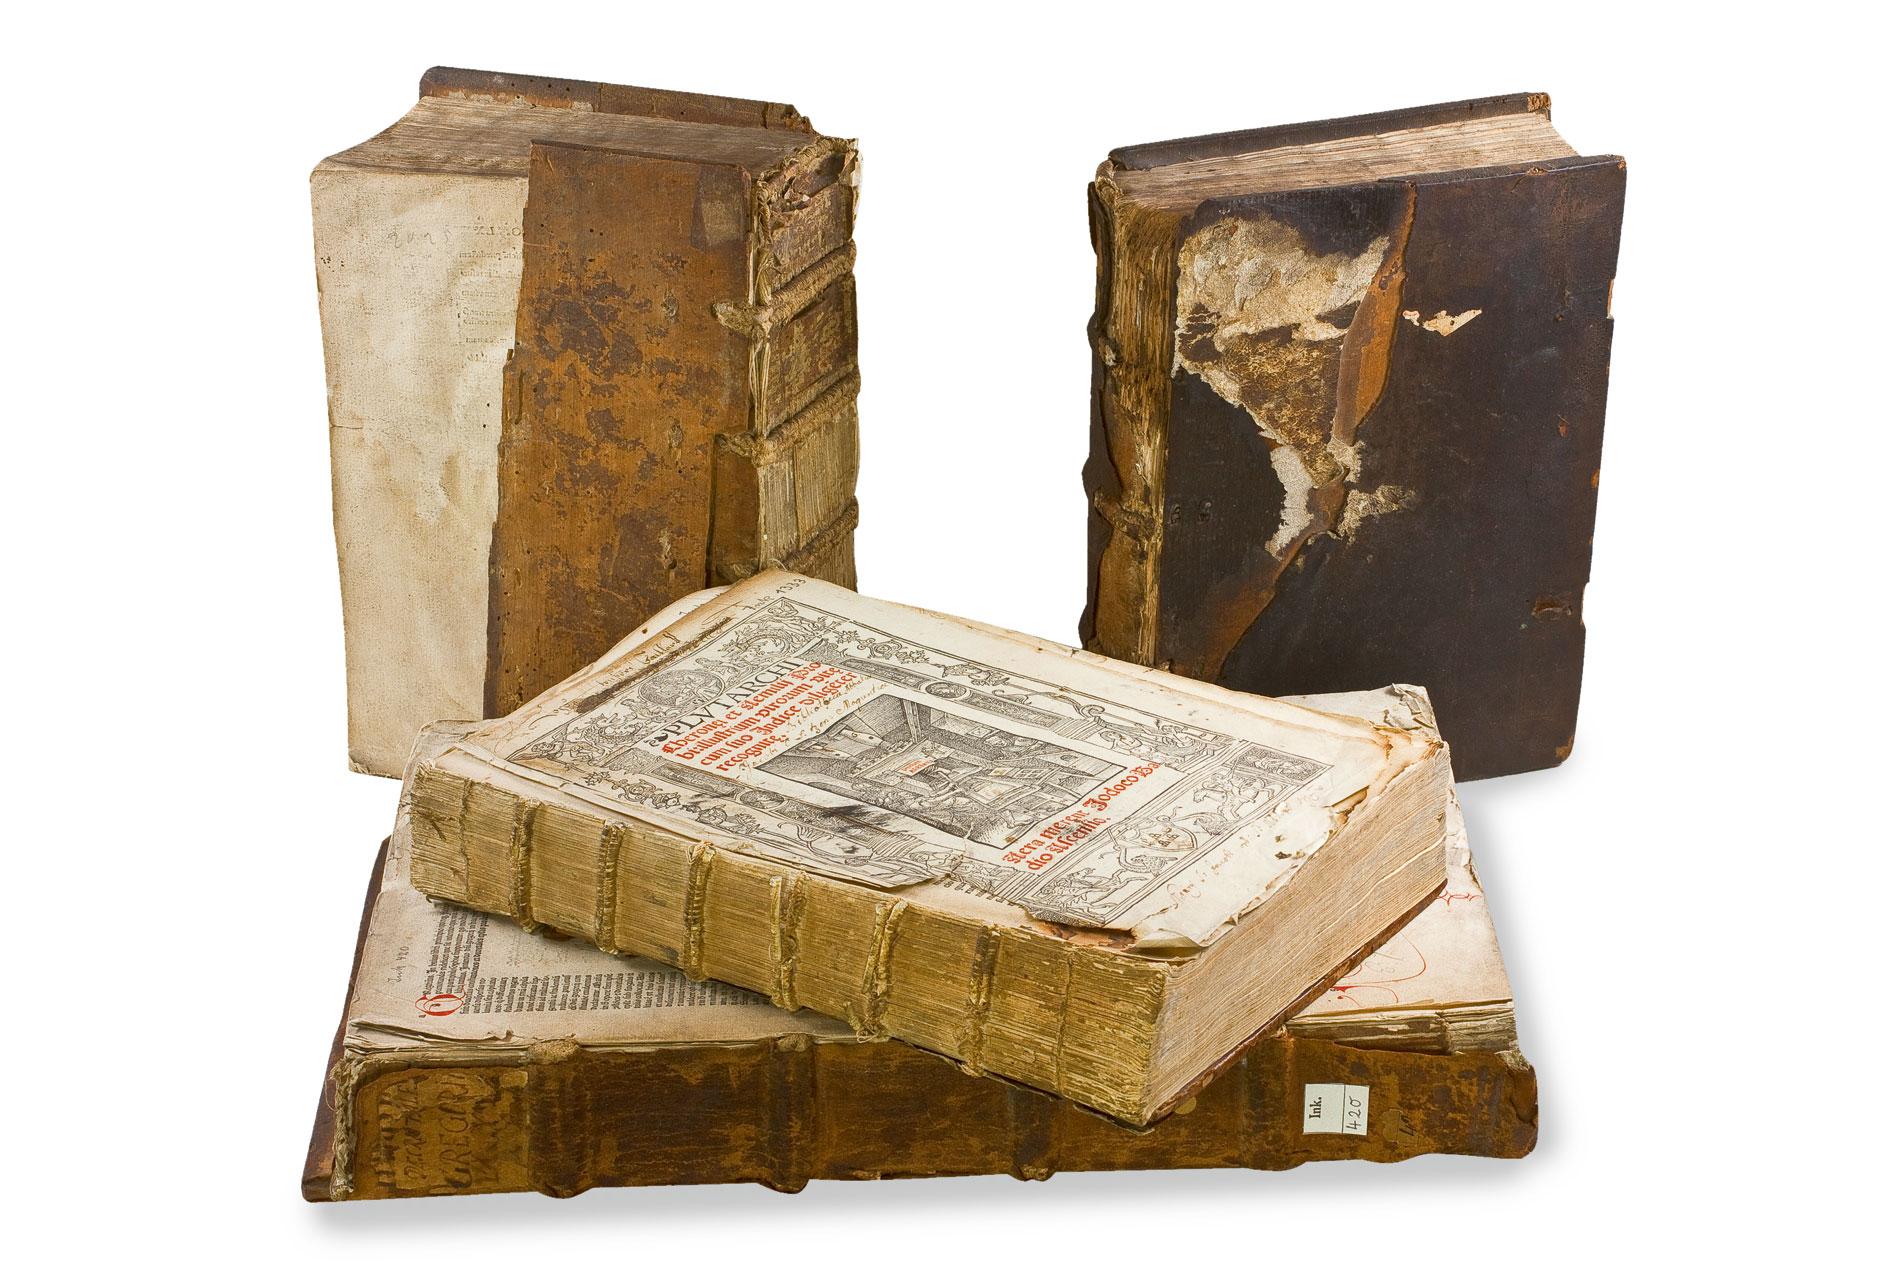 Die am stärksten beschädigten Bände des Jakobsklosters. Das Titelblatt des querliegenden Bandes zeigt eine Druckwerkstatt